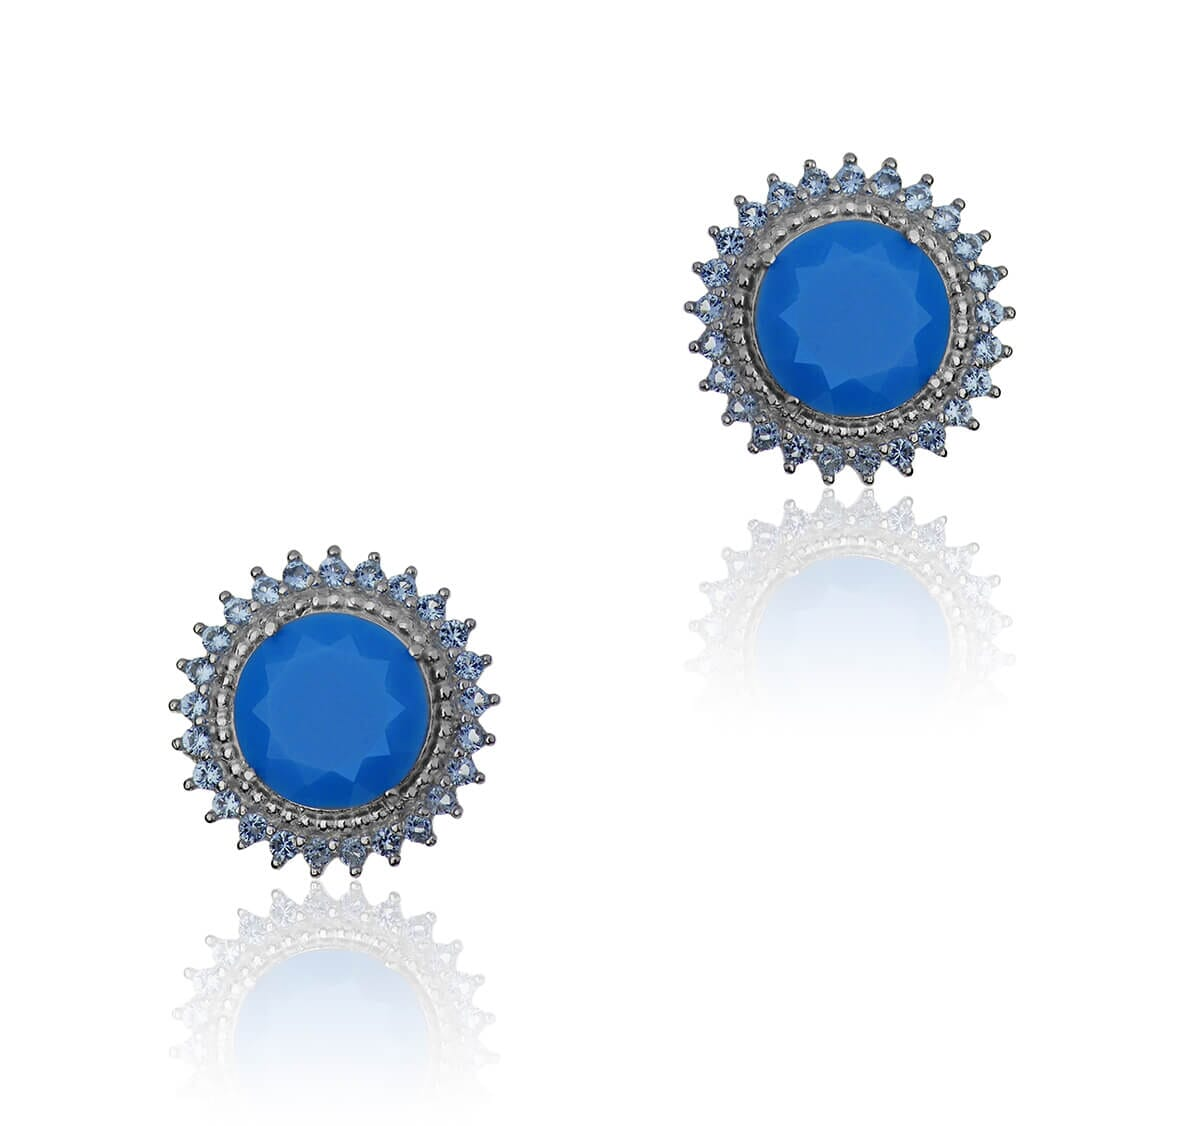 Brinco redondo Folheado a Ouro 18k cravejado com pedra turquesa e zircônias azul claro